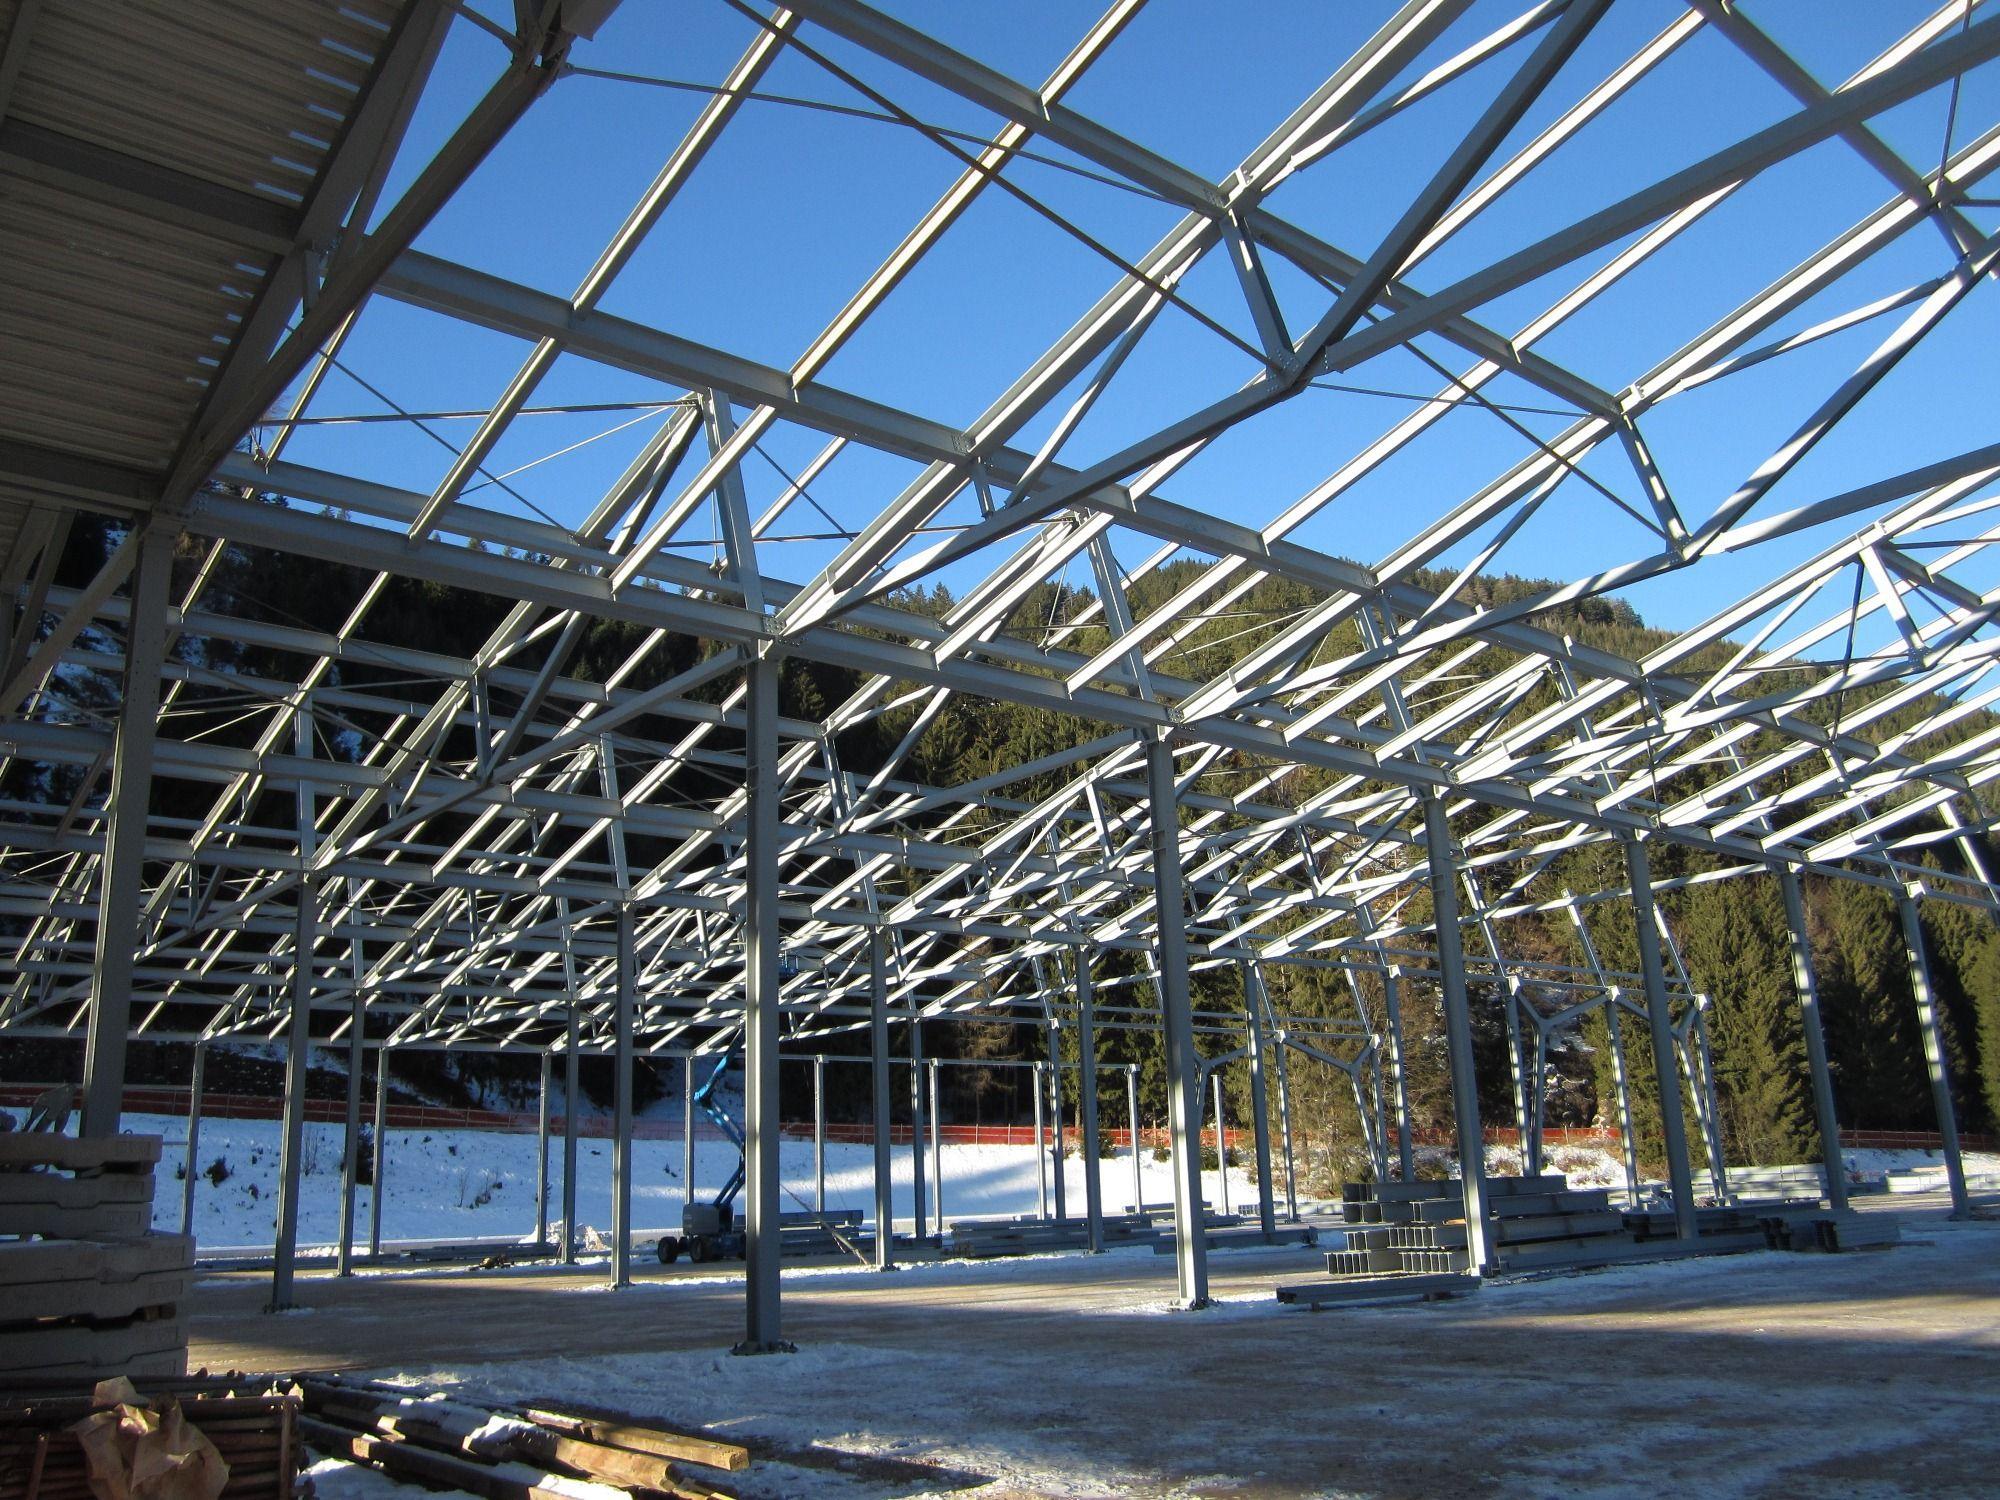 Syst me de construction en charpenterie m tallique anti for Structure metallique architecture